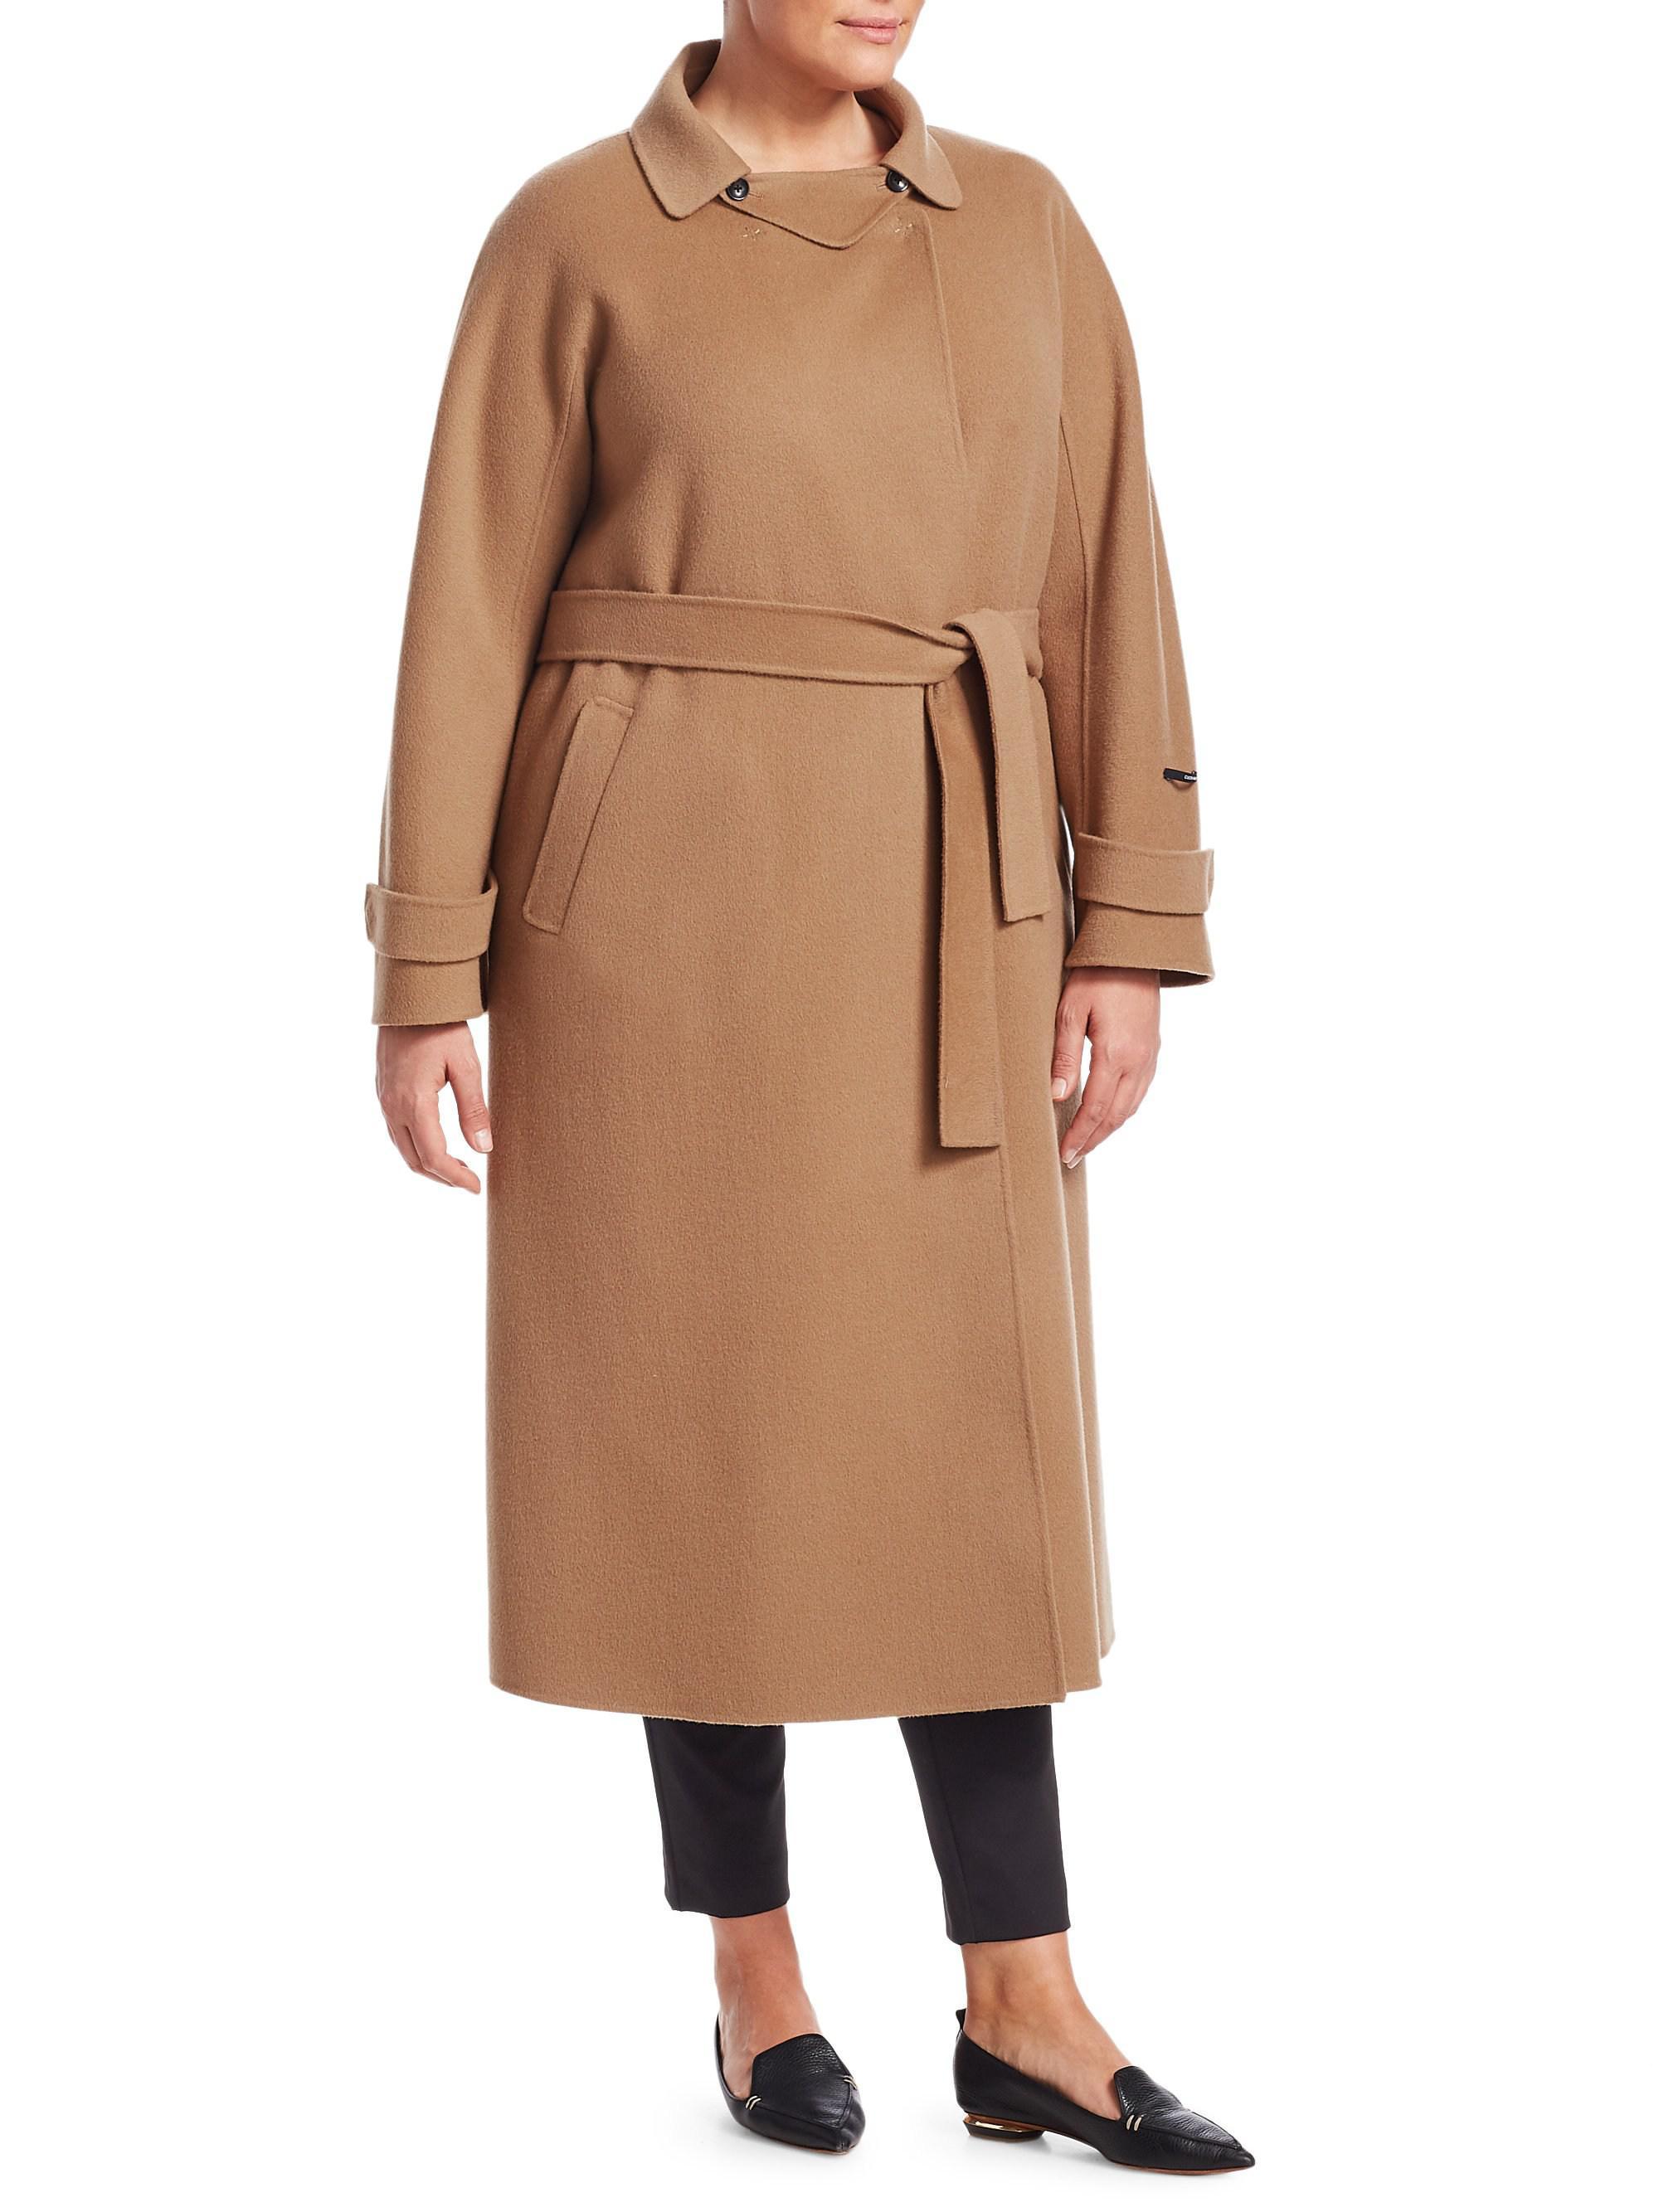 fdbfdf752 Marina Rinaldi Trionfo Wrap Camel Coat in Natural - Lyst